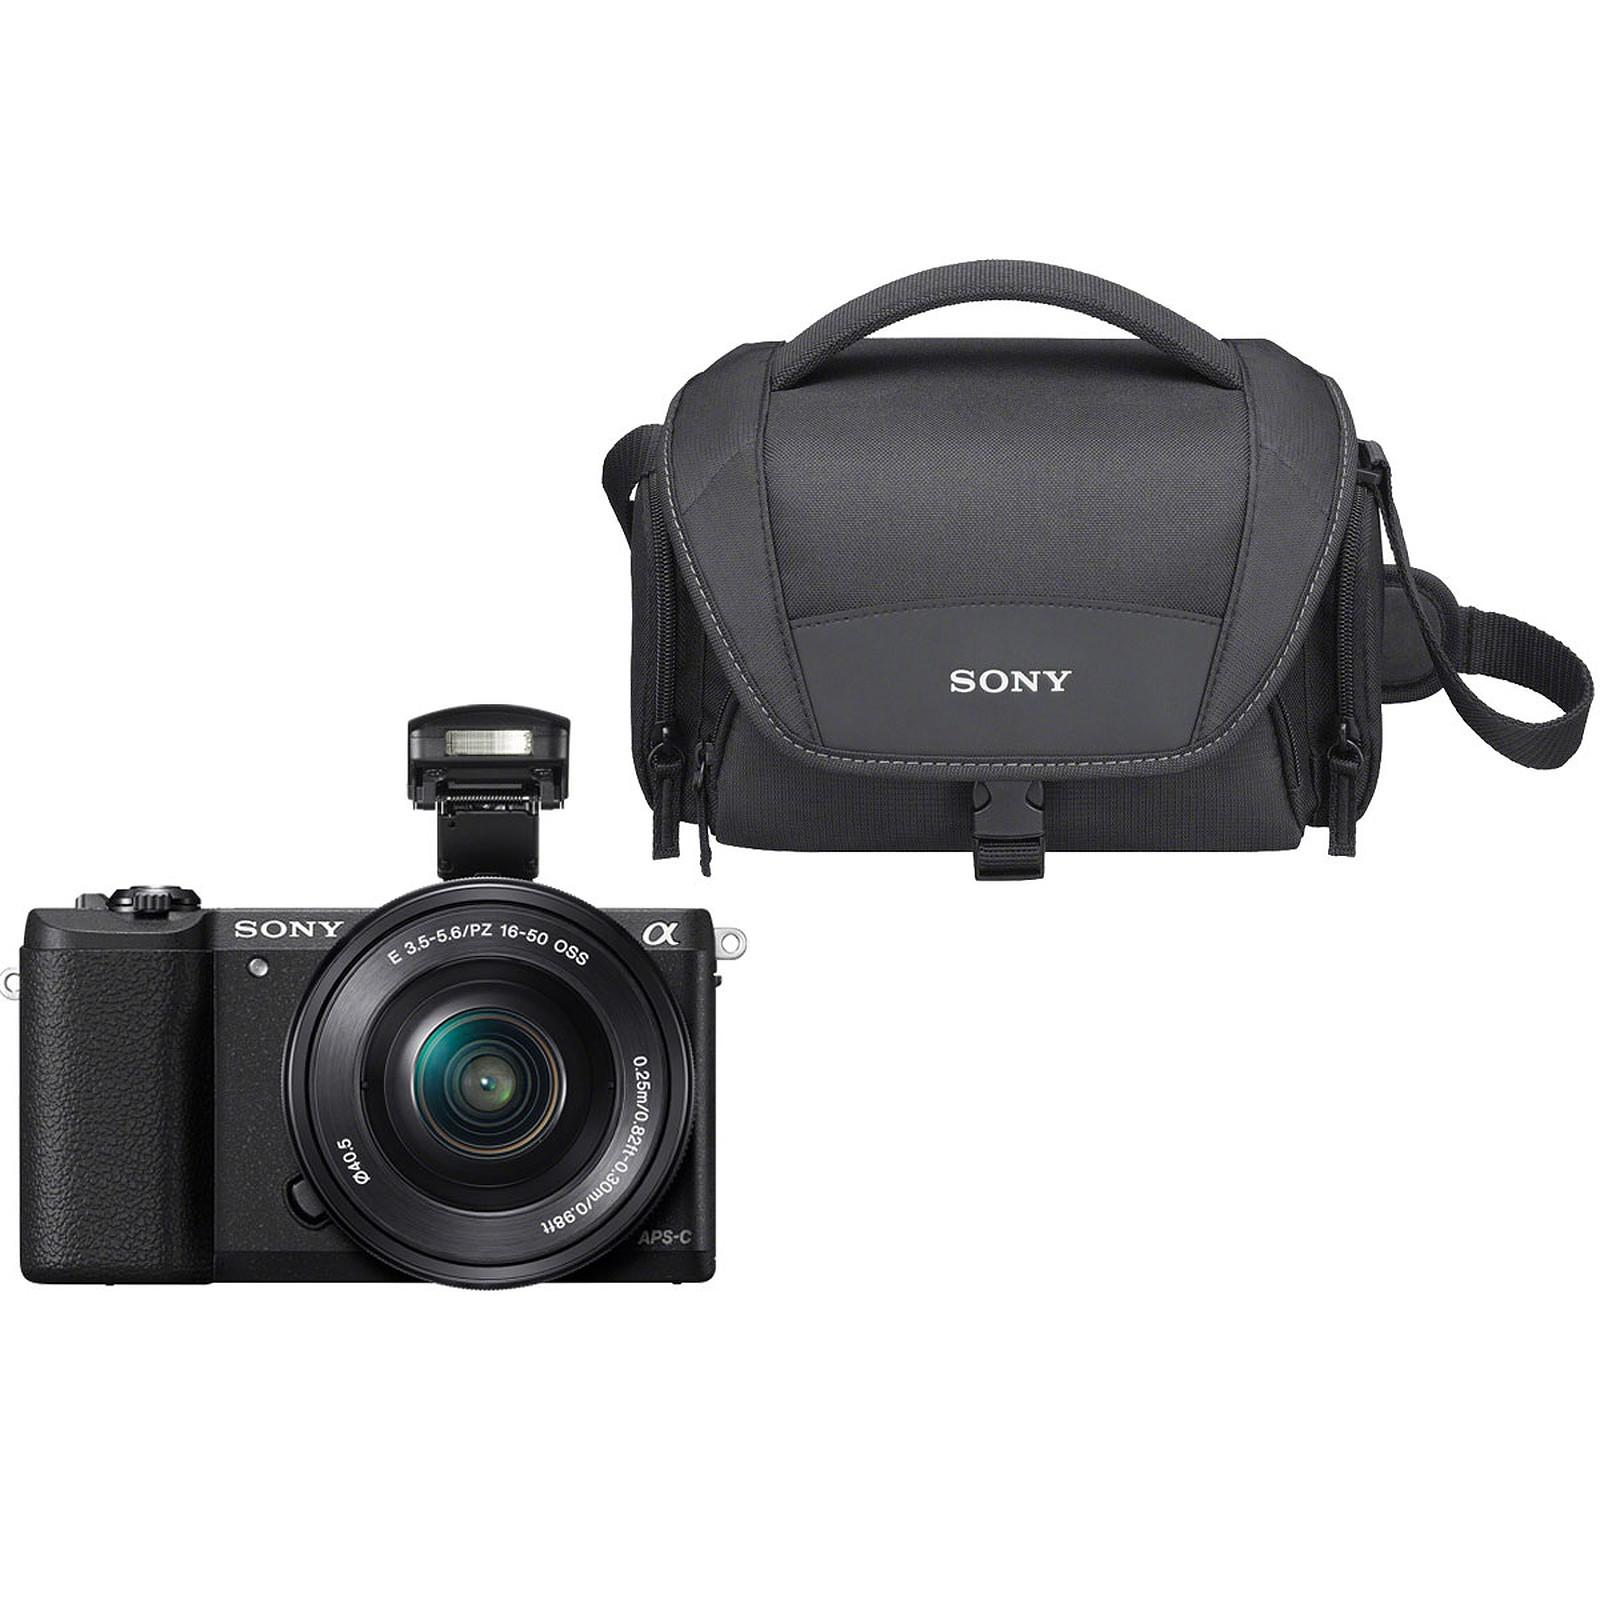 Sony Alpha 5100 + Objectif 16-50 mm Noir + LCS-U21 Noir